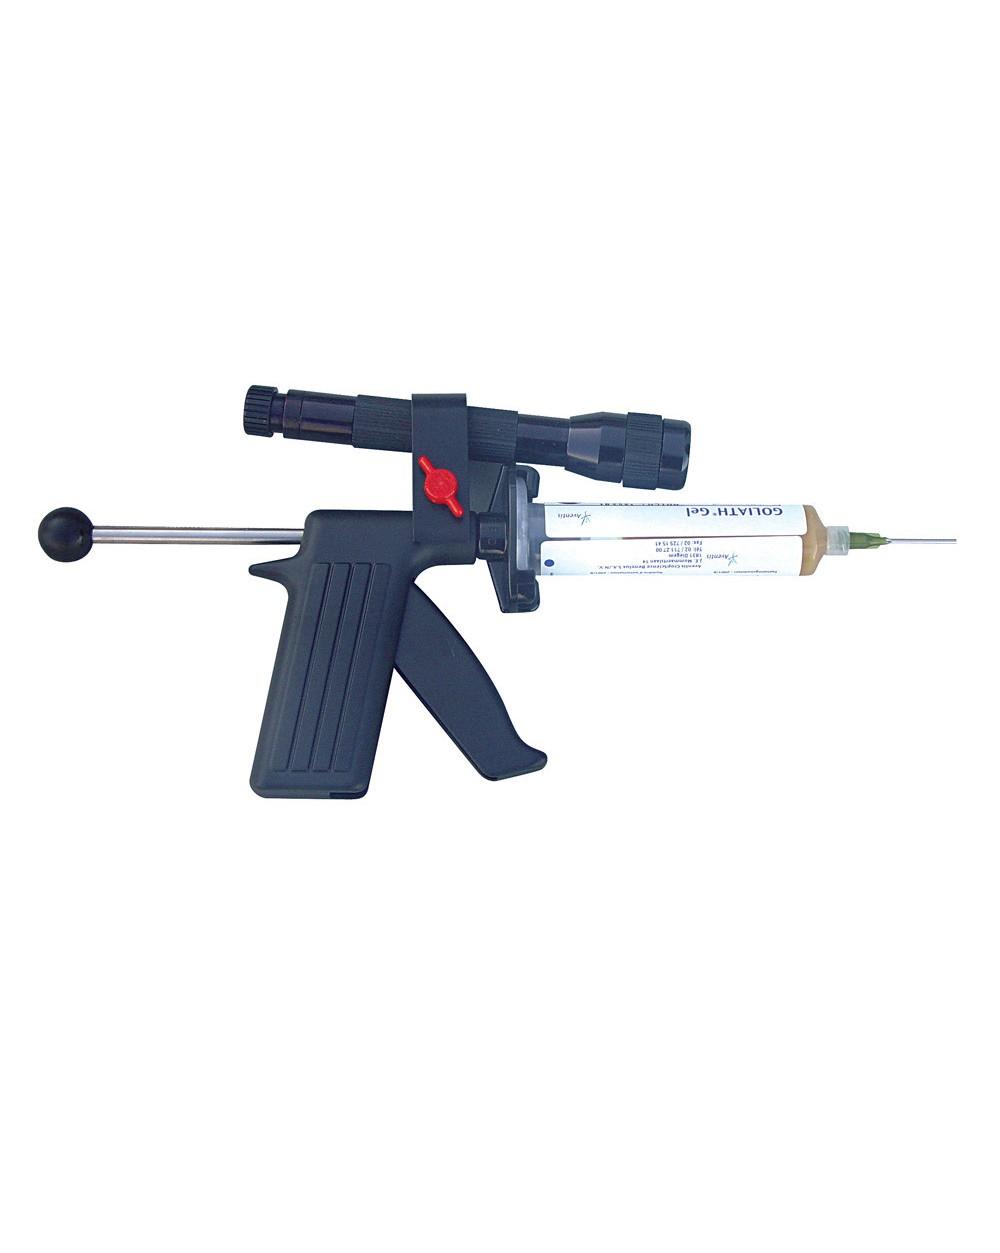 MALETTE AVEC PISTOLET BAIT GUN